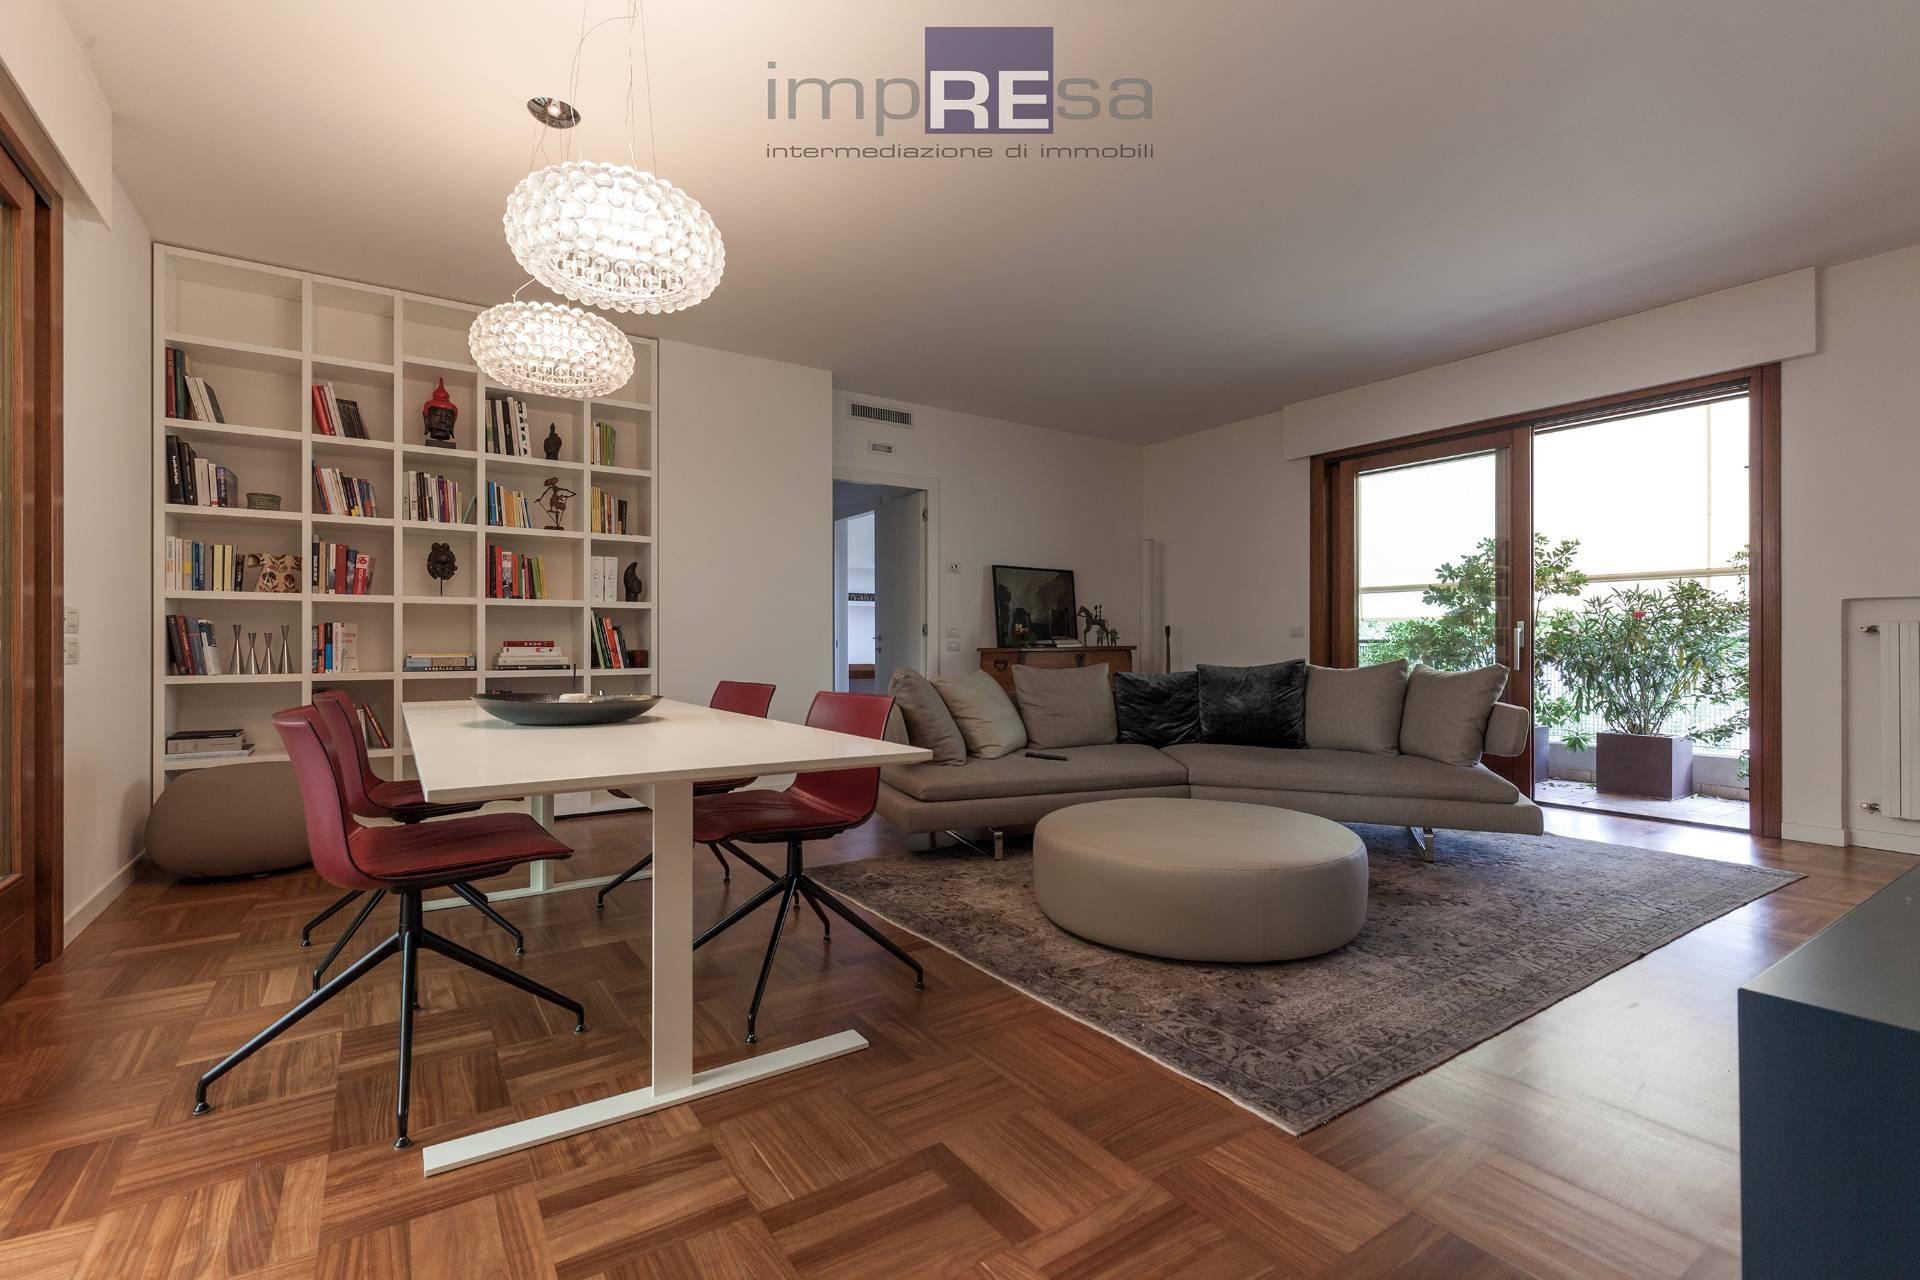 Appartamento in Vendita a Treviso - Cod. I/FSB056